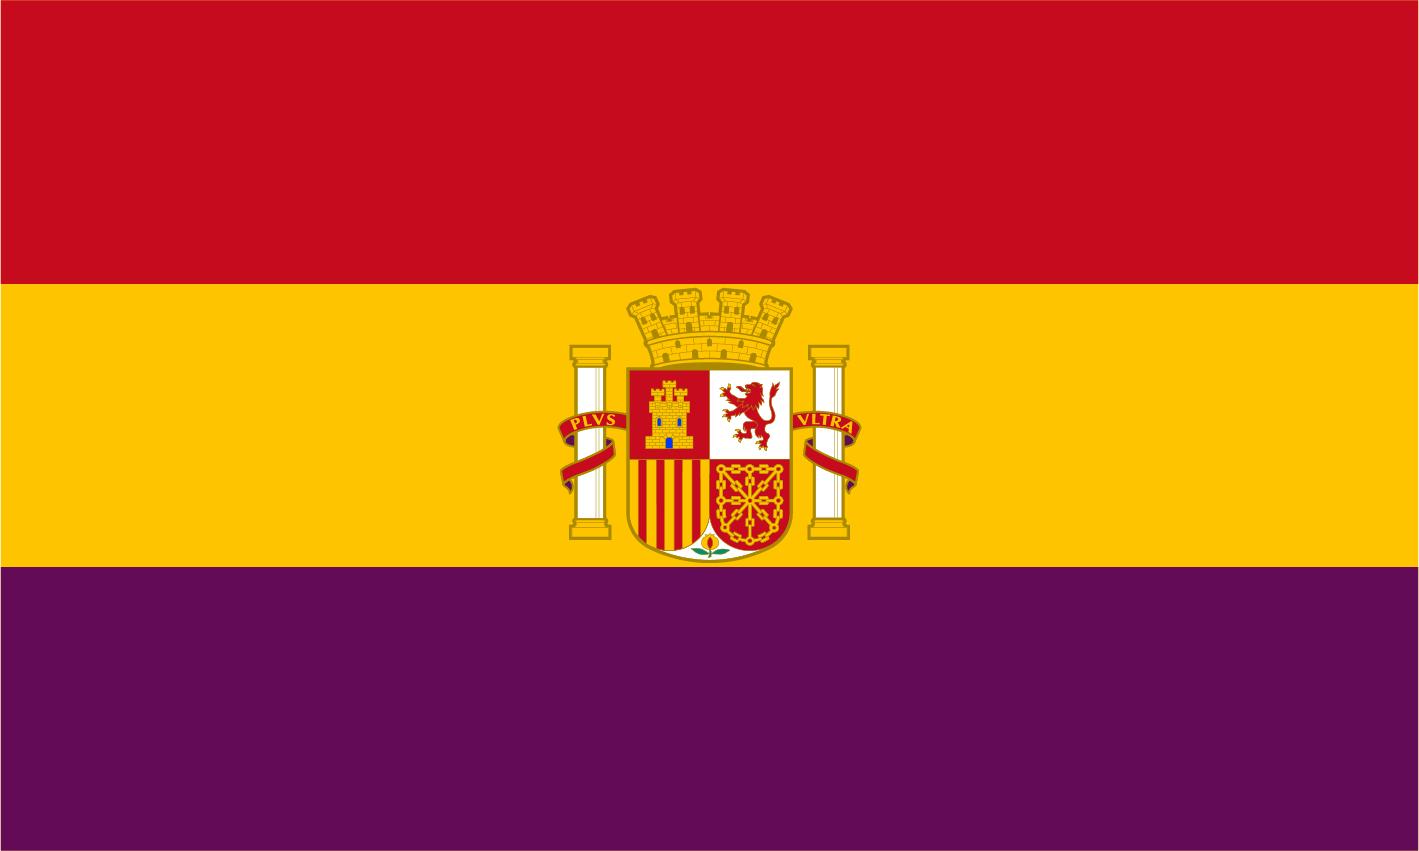 [Image: Bandera_de_la_II_Rep%C3%BAblica_Espa%C3%B1ola.png]